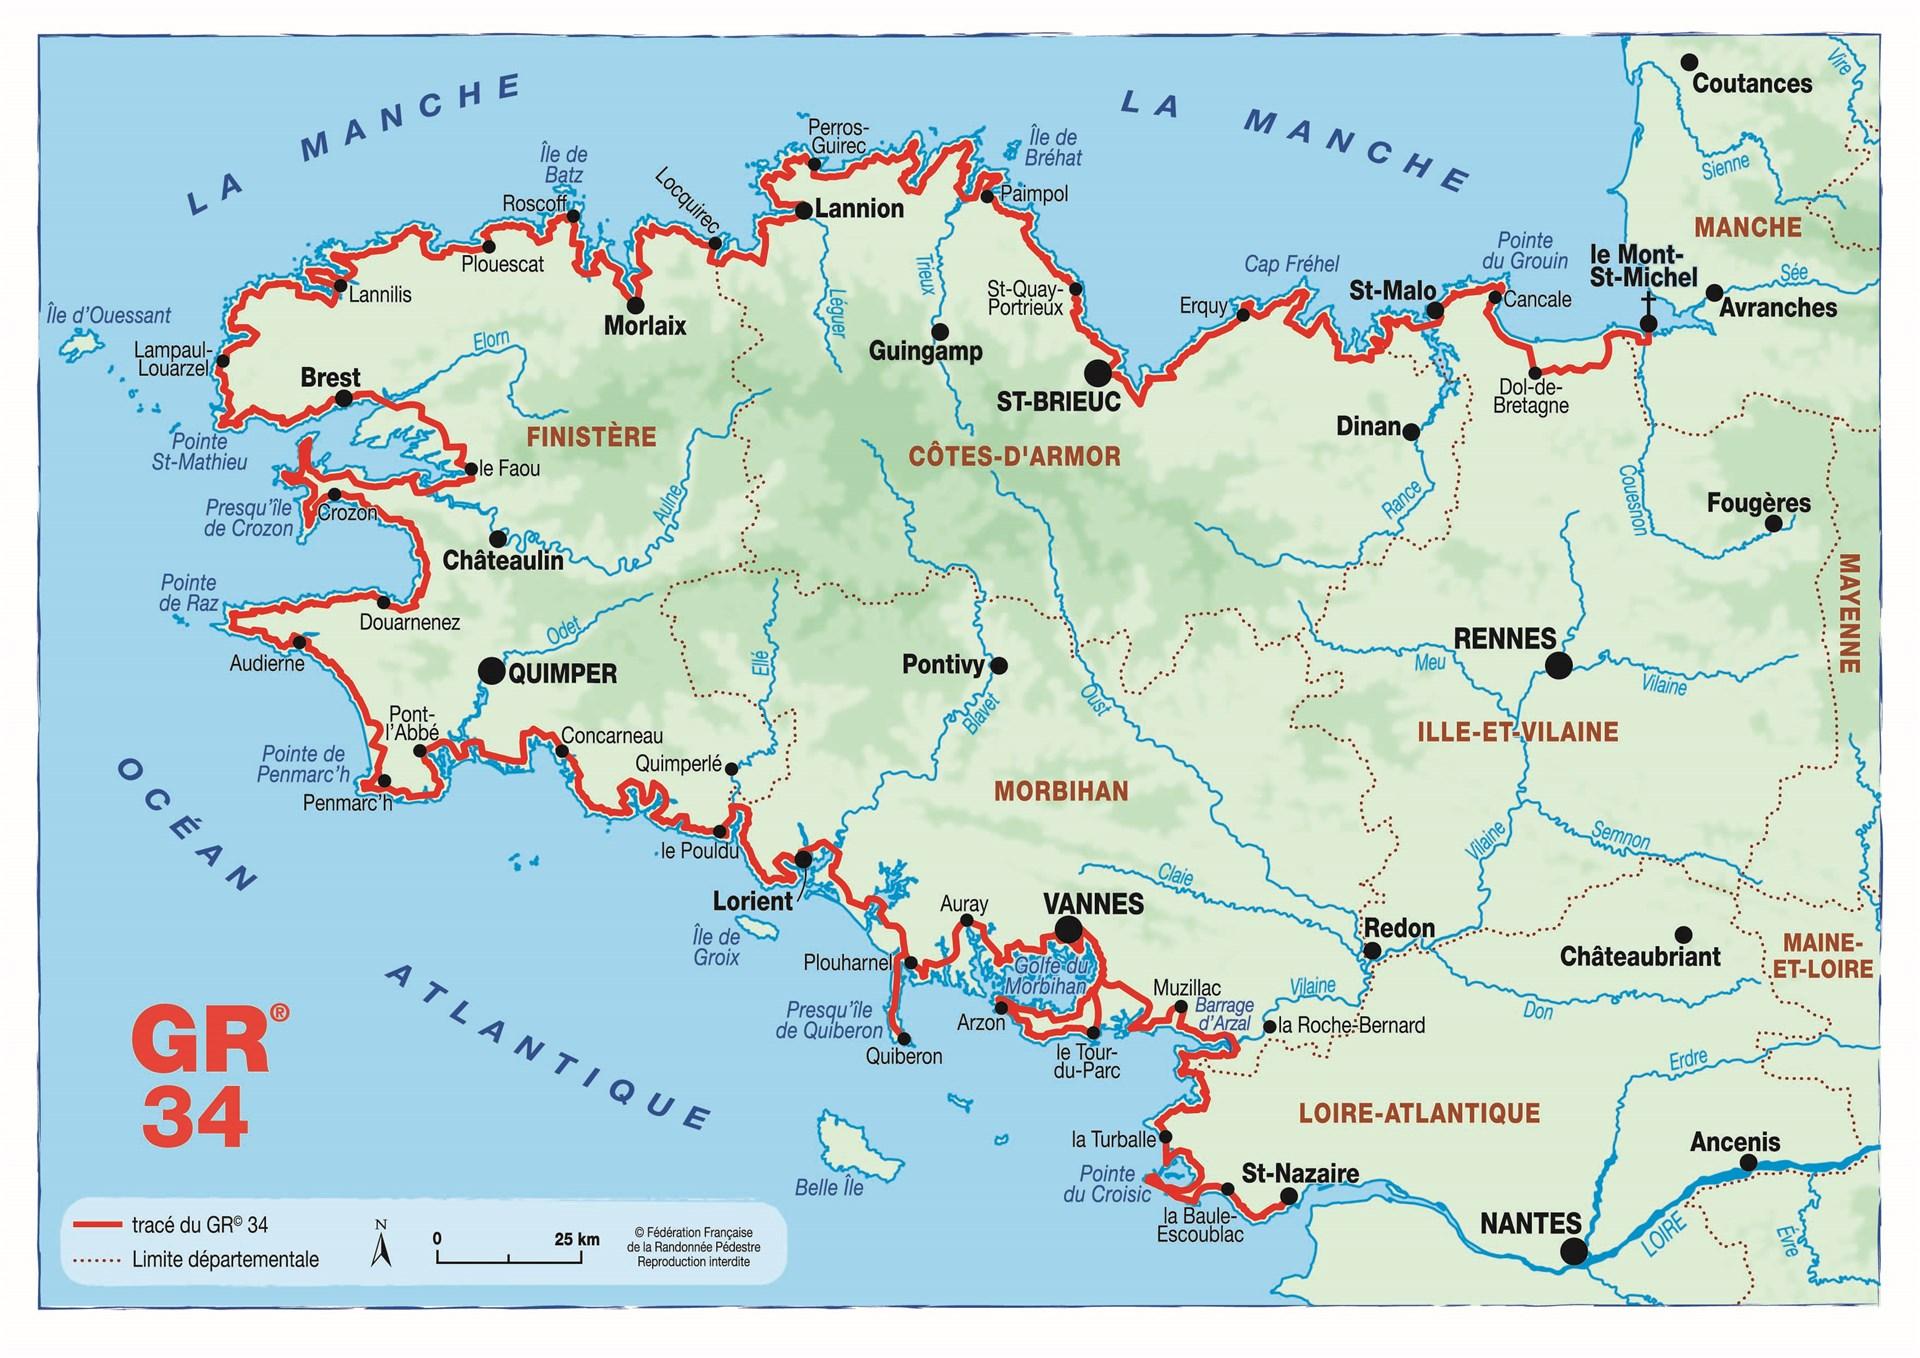 Carte Cote Ouest Bretagne.Randonner Sur Le Gr 34 Randonnee En Bretagne Avec